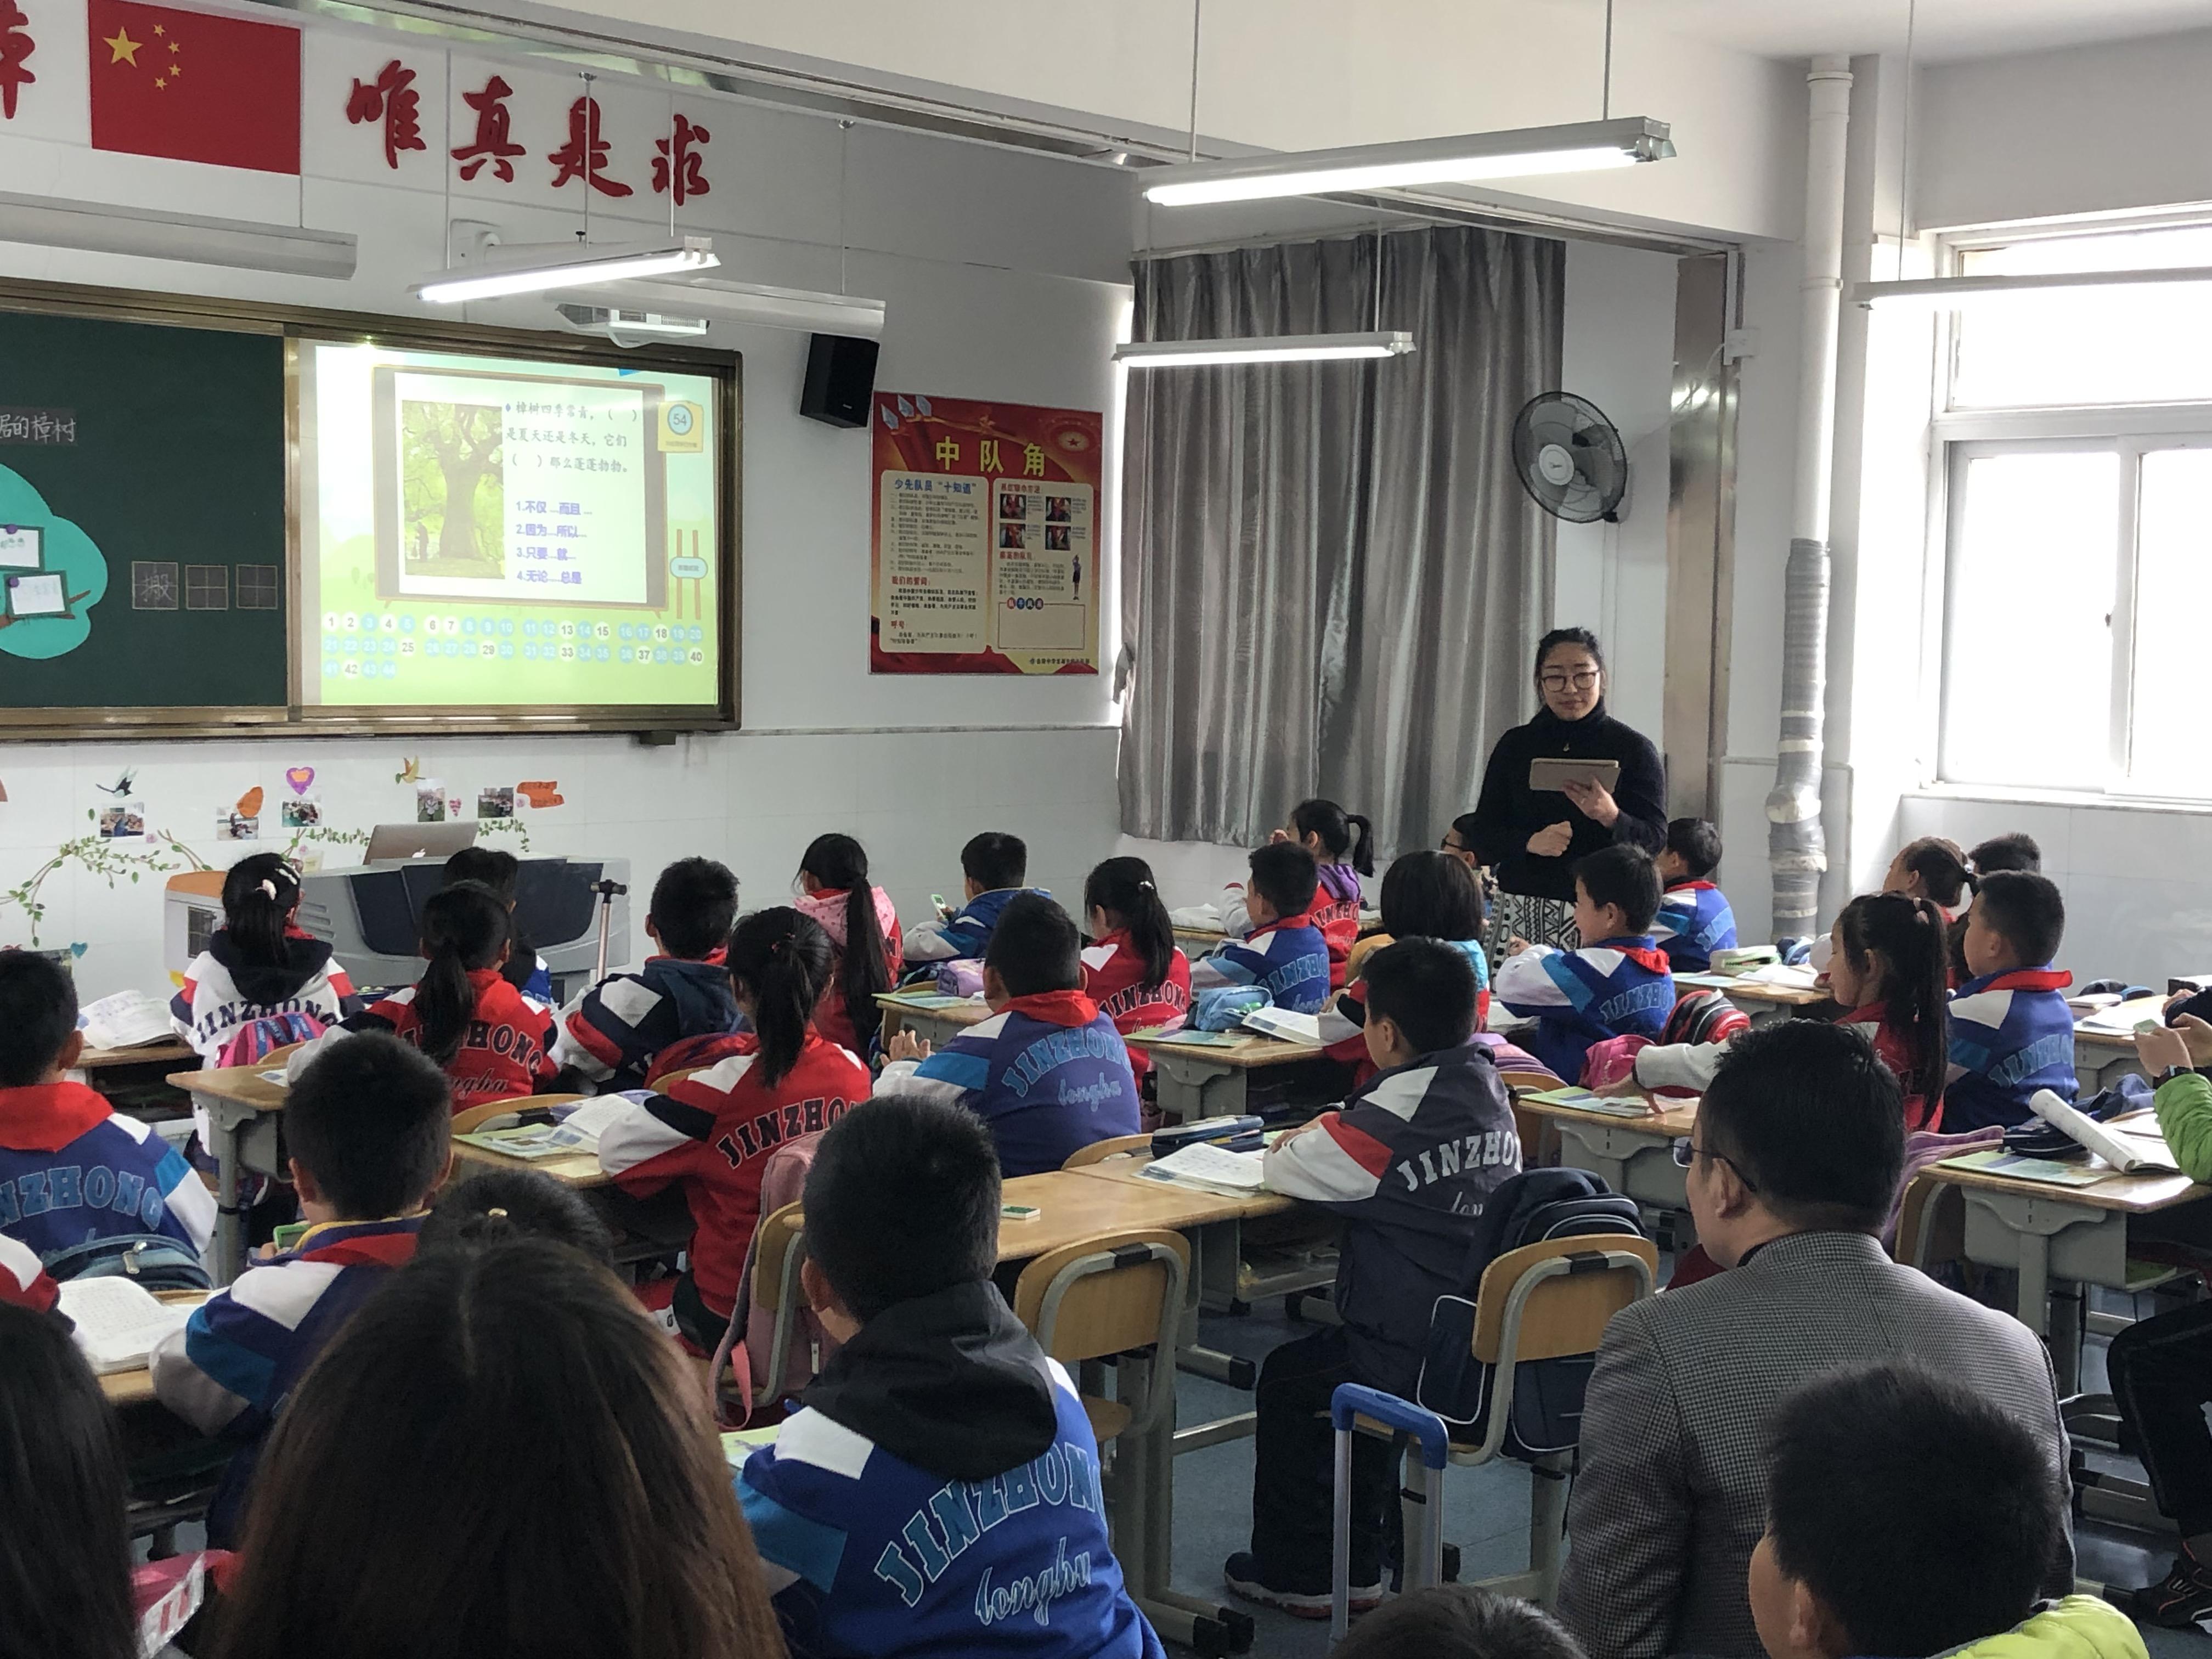 范燕妮老师给大家展示的是语文课《宋庆龄故居的樟树》